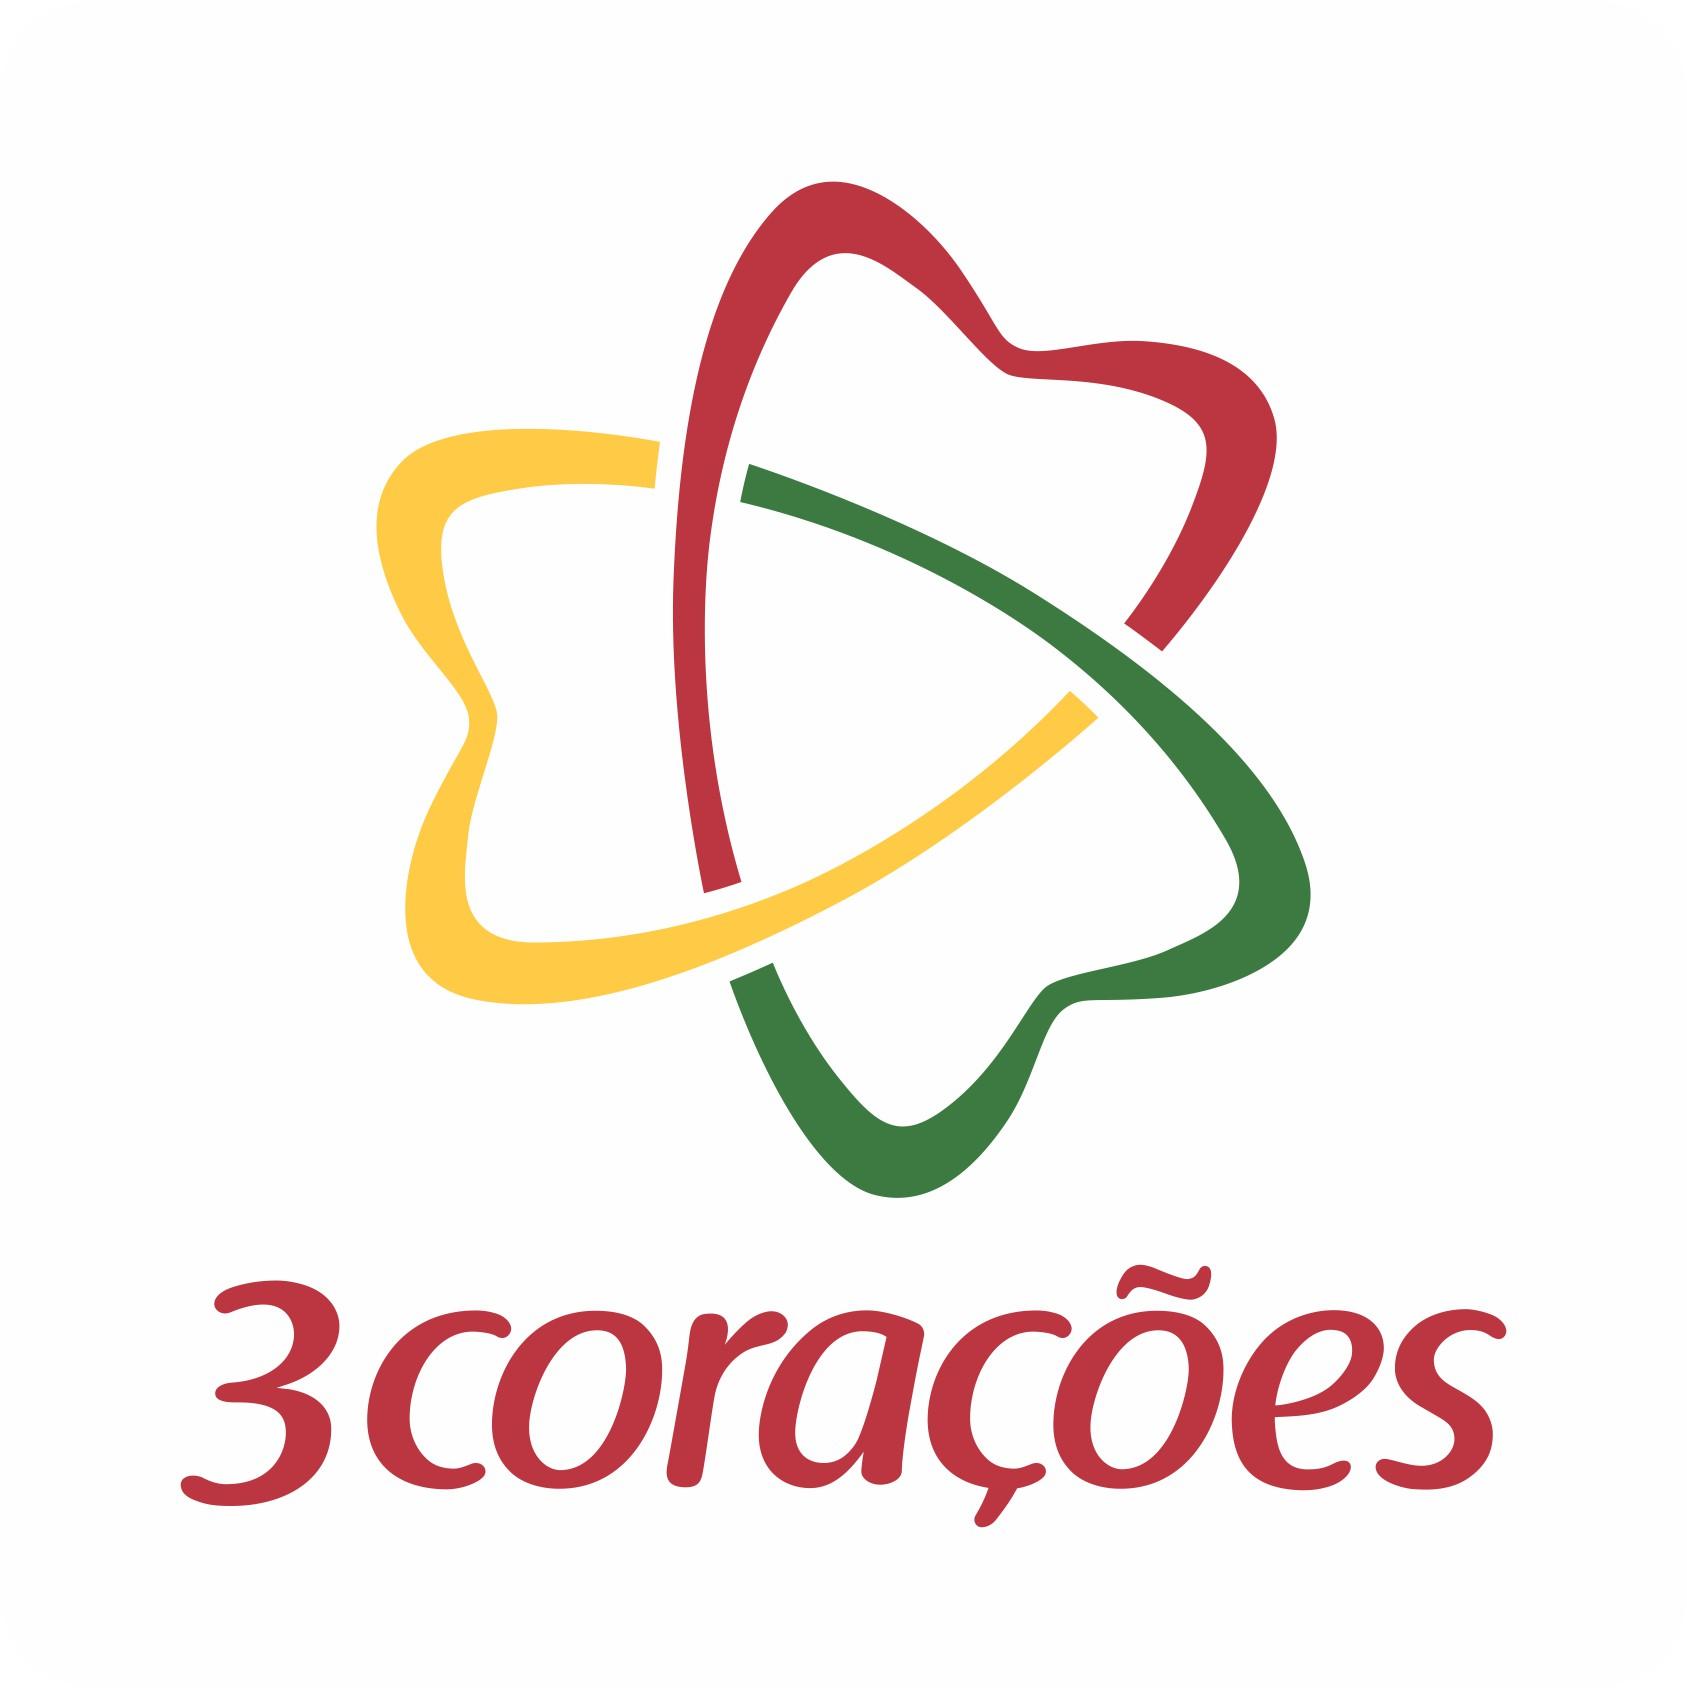 3coracoes_logo